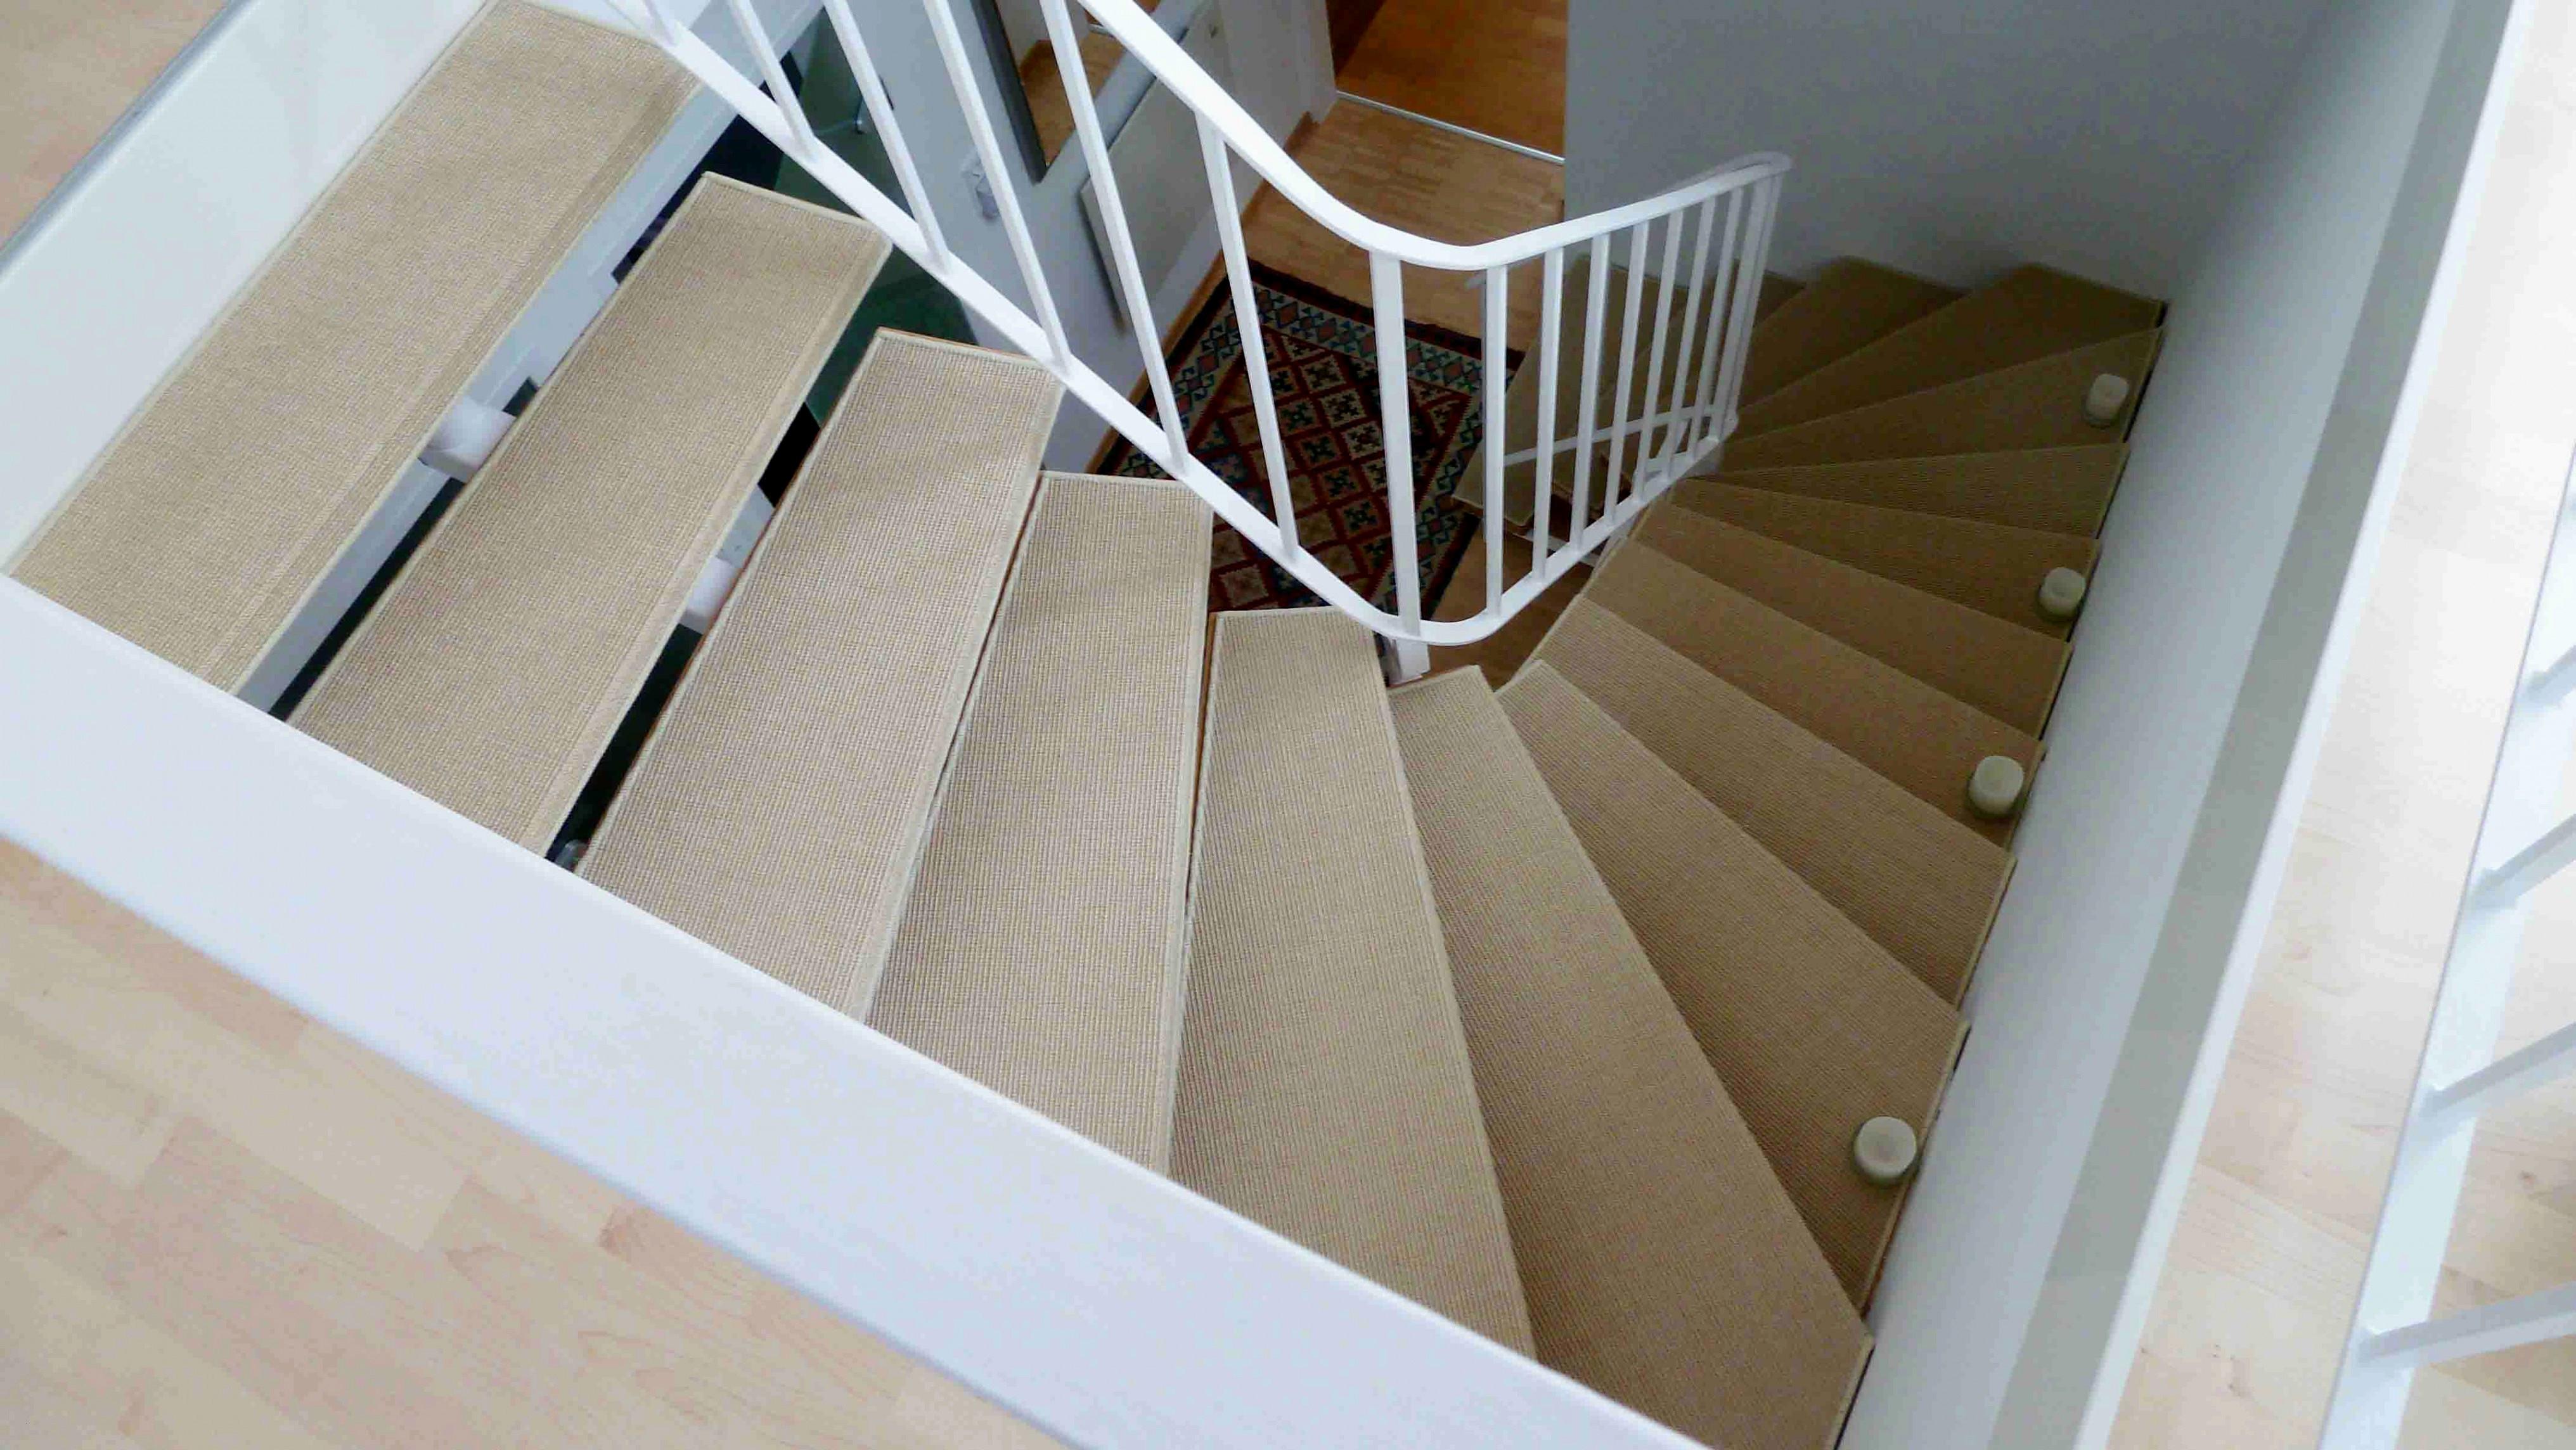 Teppich Für Treppen  22 Neu Teppich Für Treppen